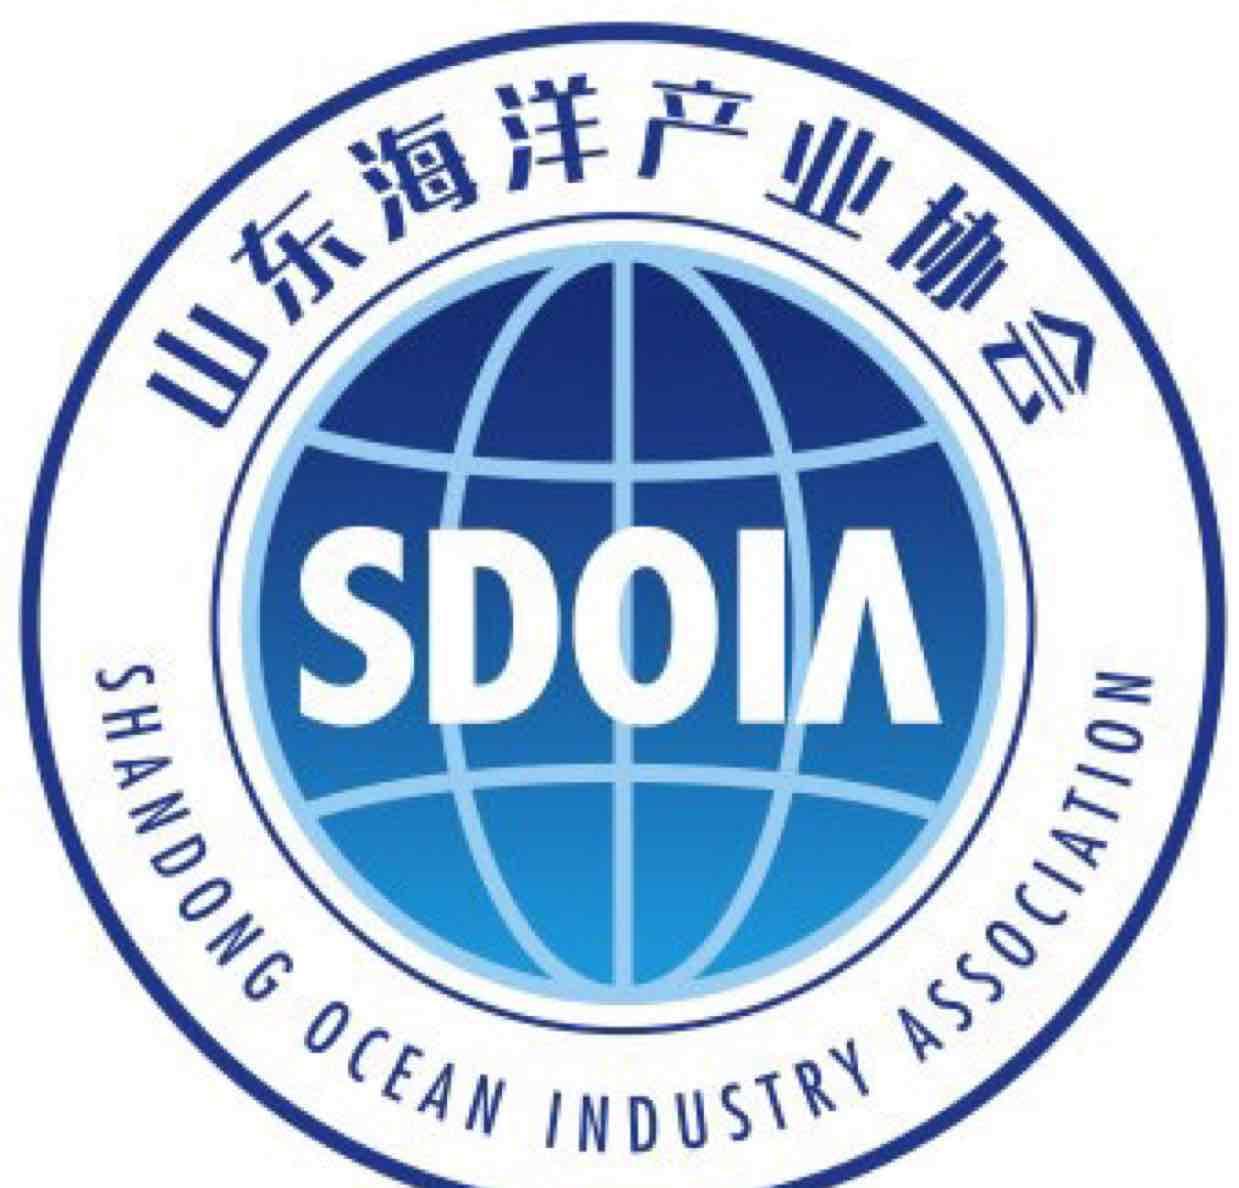 Shandong Ocean Industry Association